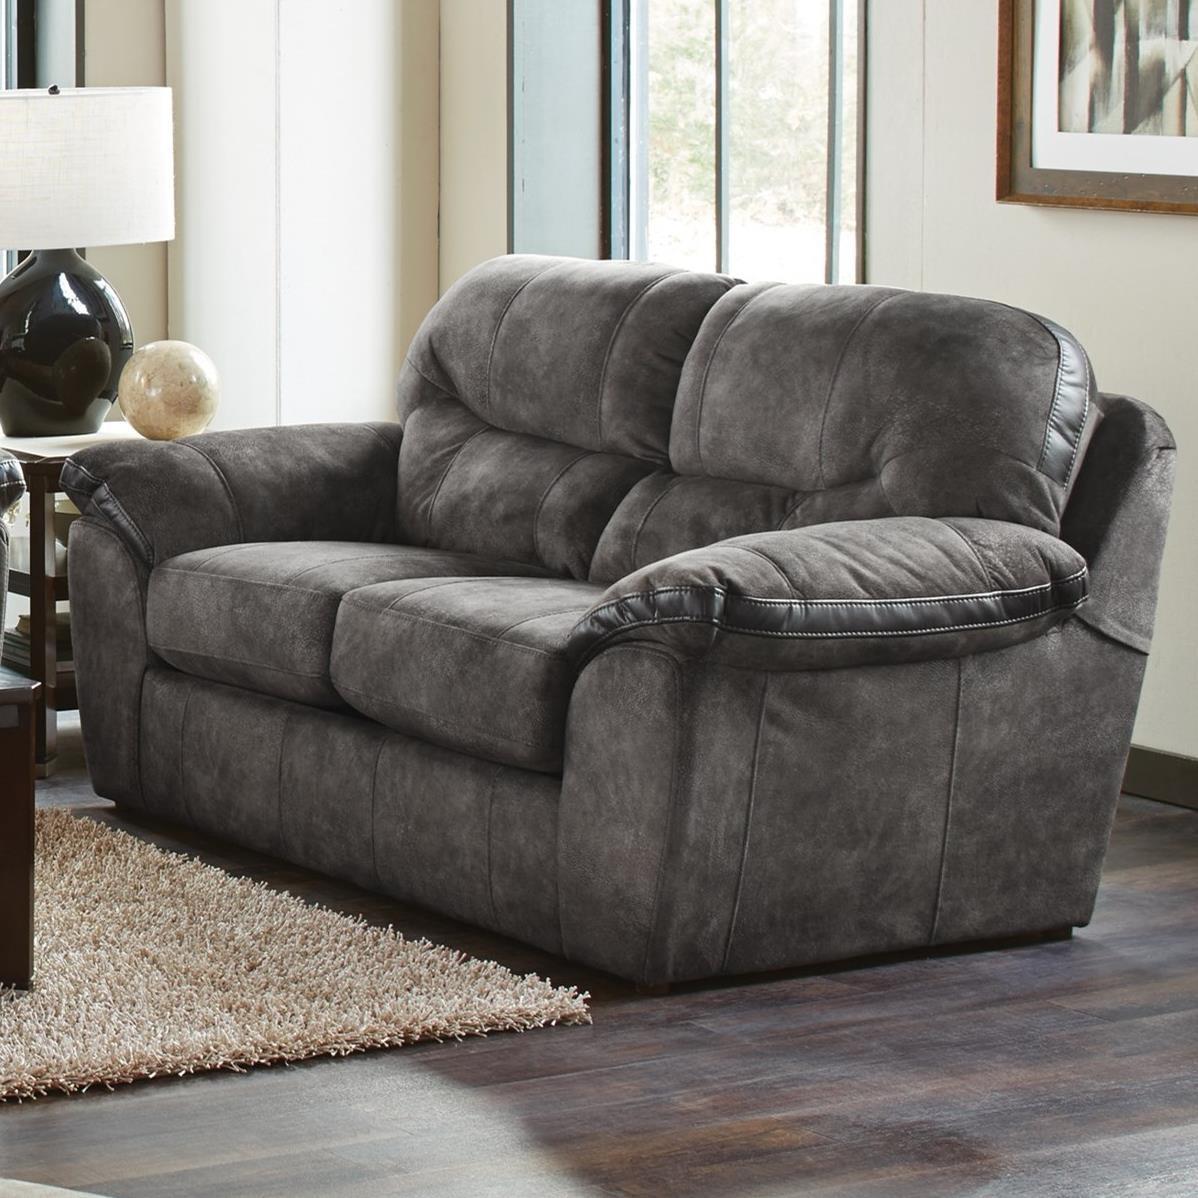 Atlee Loveseat by Jackson Furniture at Lapeer Furniture & Mattress Center